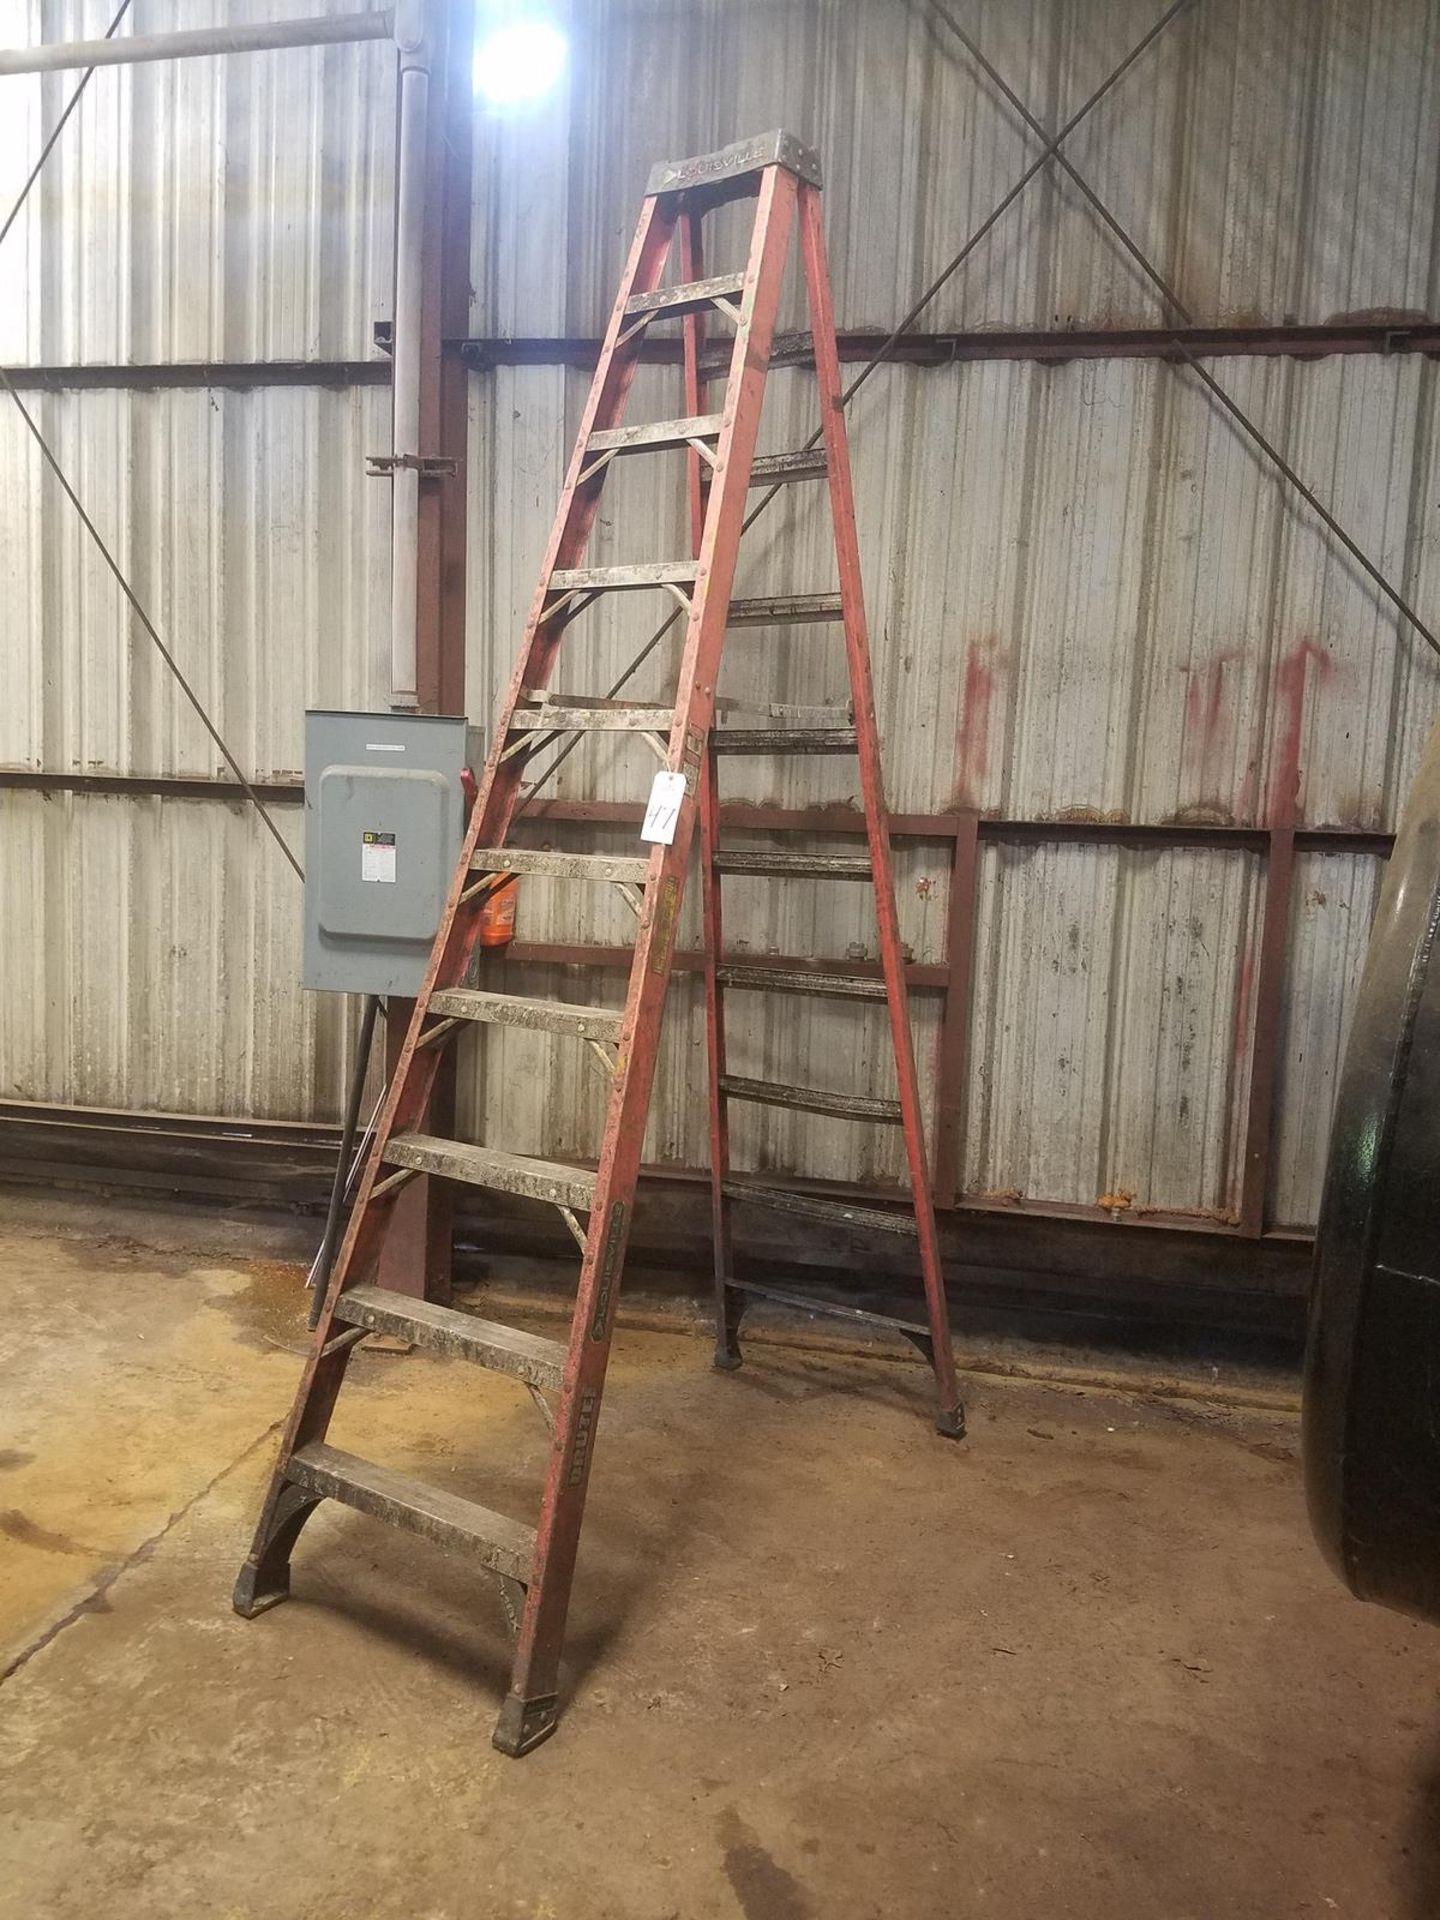 10' Fiberglass Ladder | Rig Fee: $10